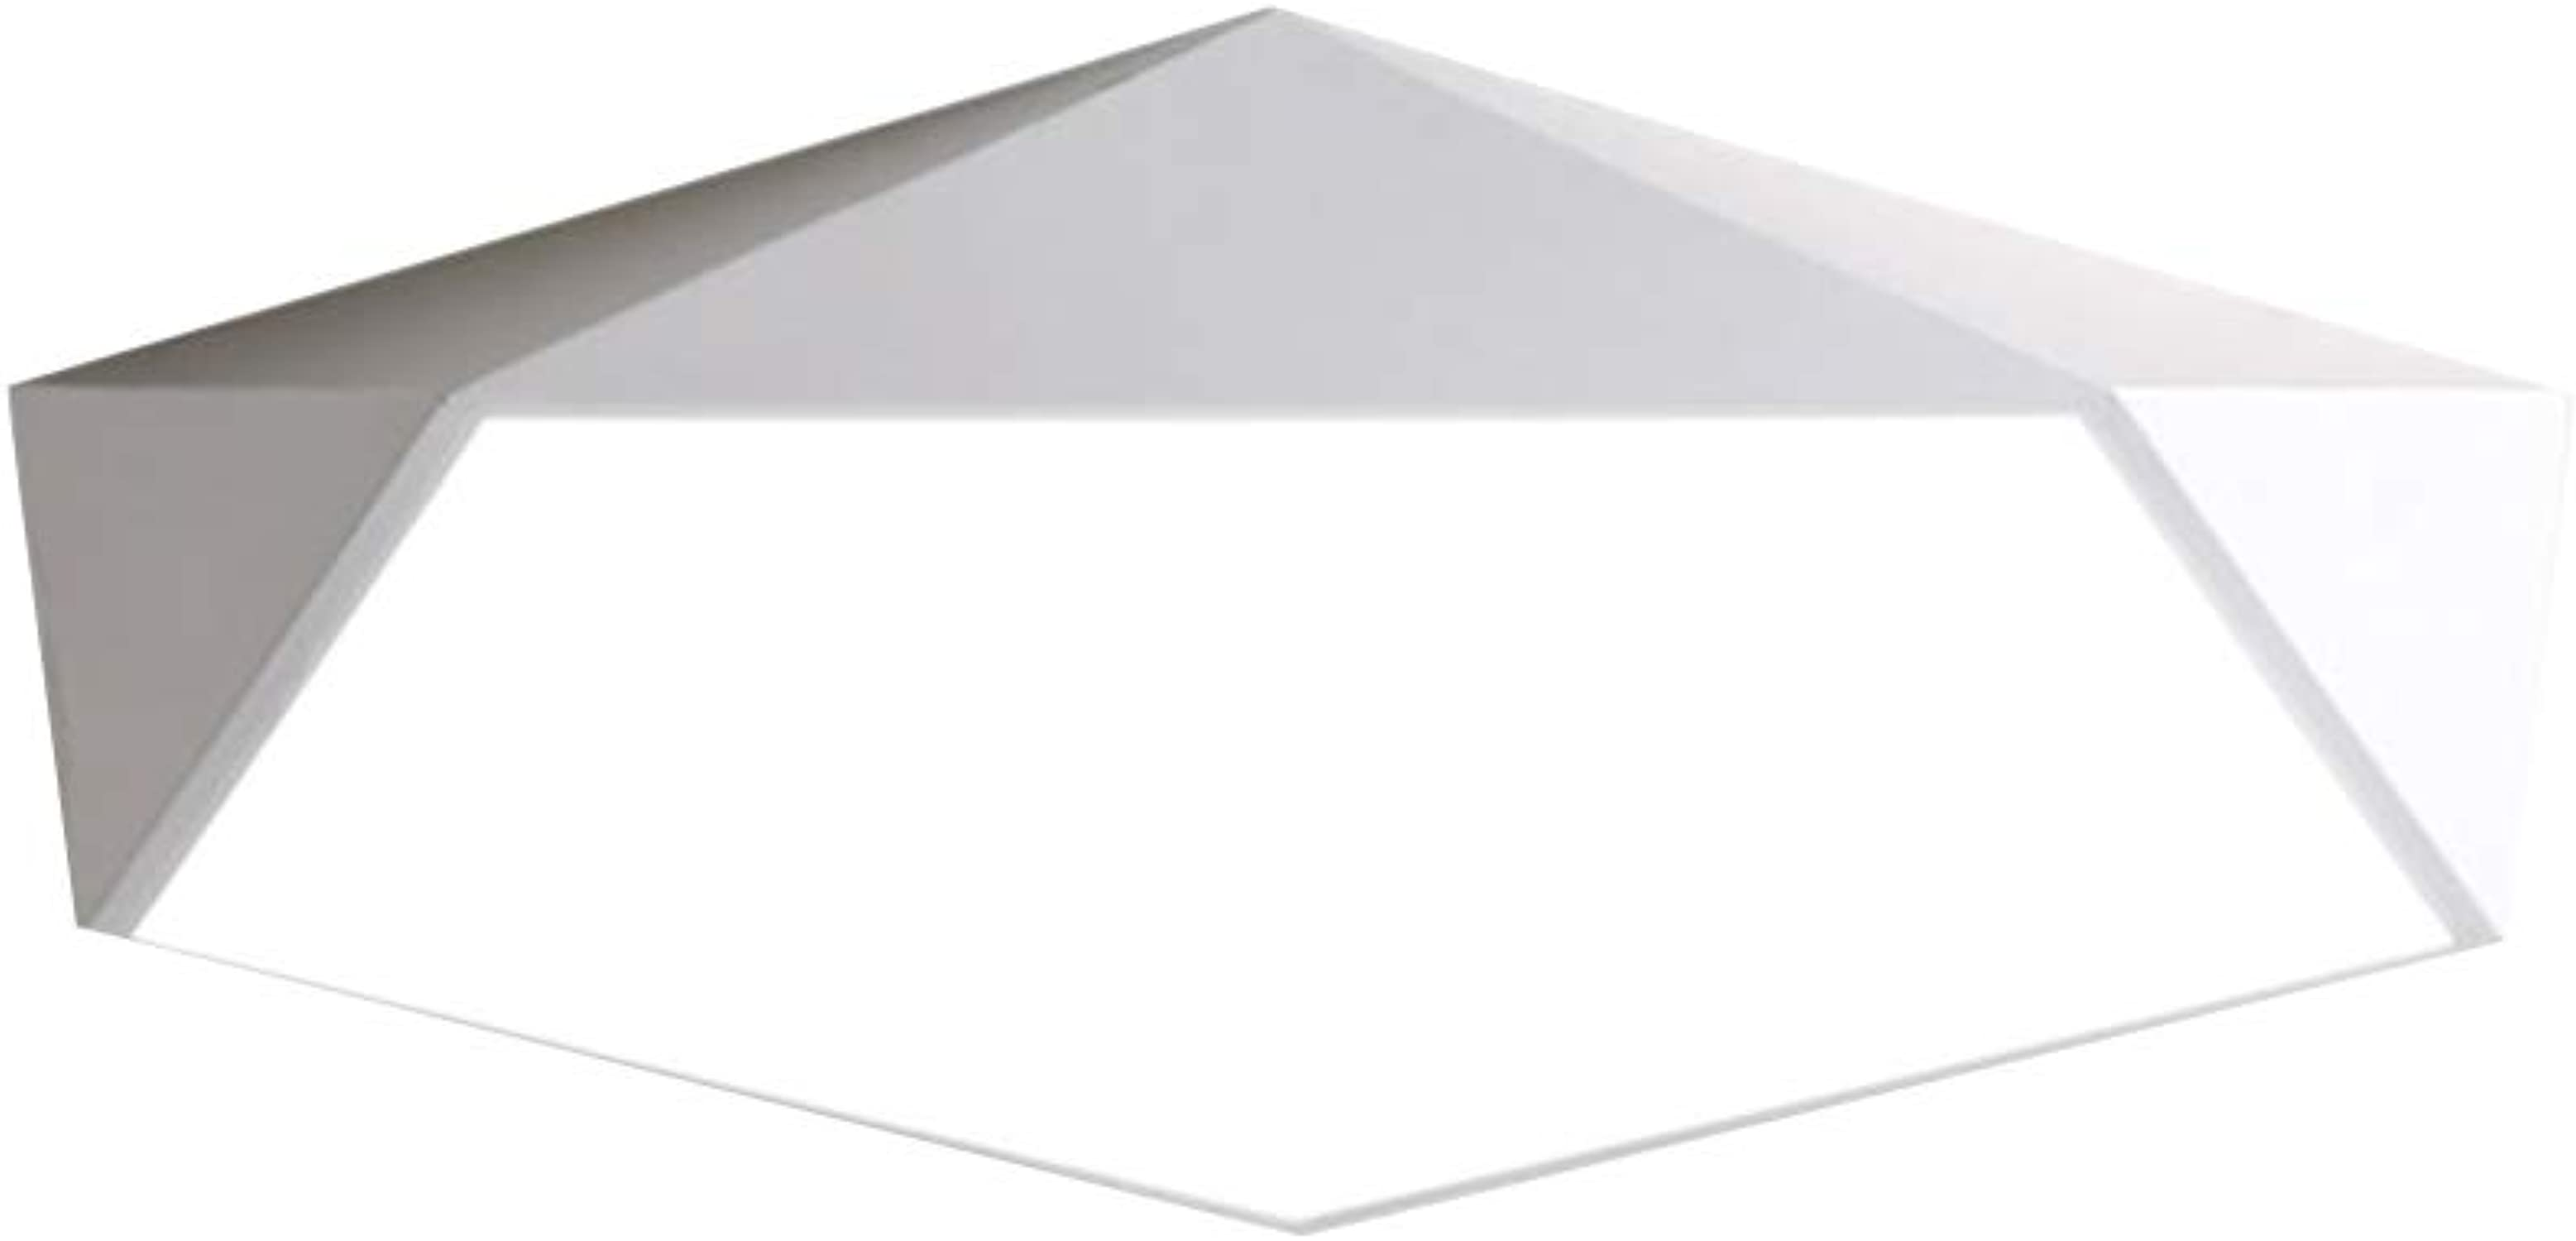 TopDeng LED Moderne Plafonnier Pour Salon, Nordique Minimaliste Montage encastré Lampe de plafond Blanc Pentagone Plafond Appareils d'éclairage-Blanc Froid 30cm-18W